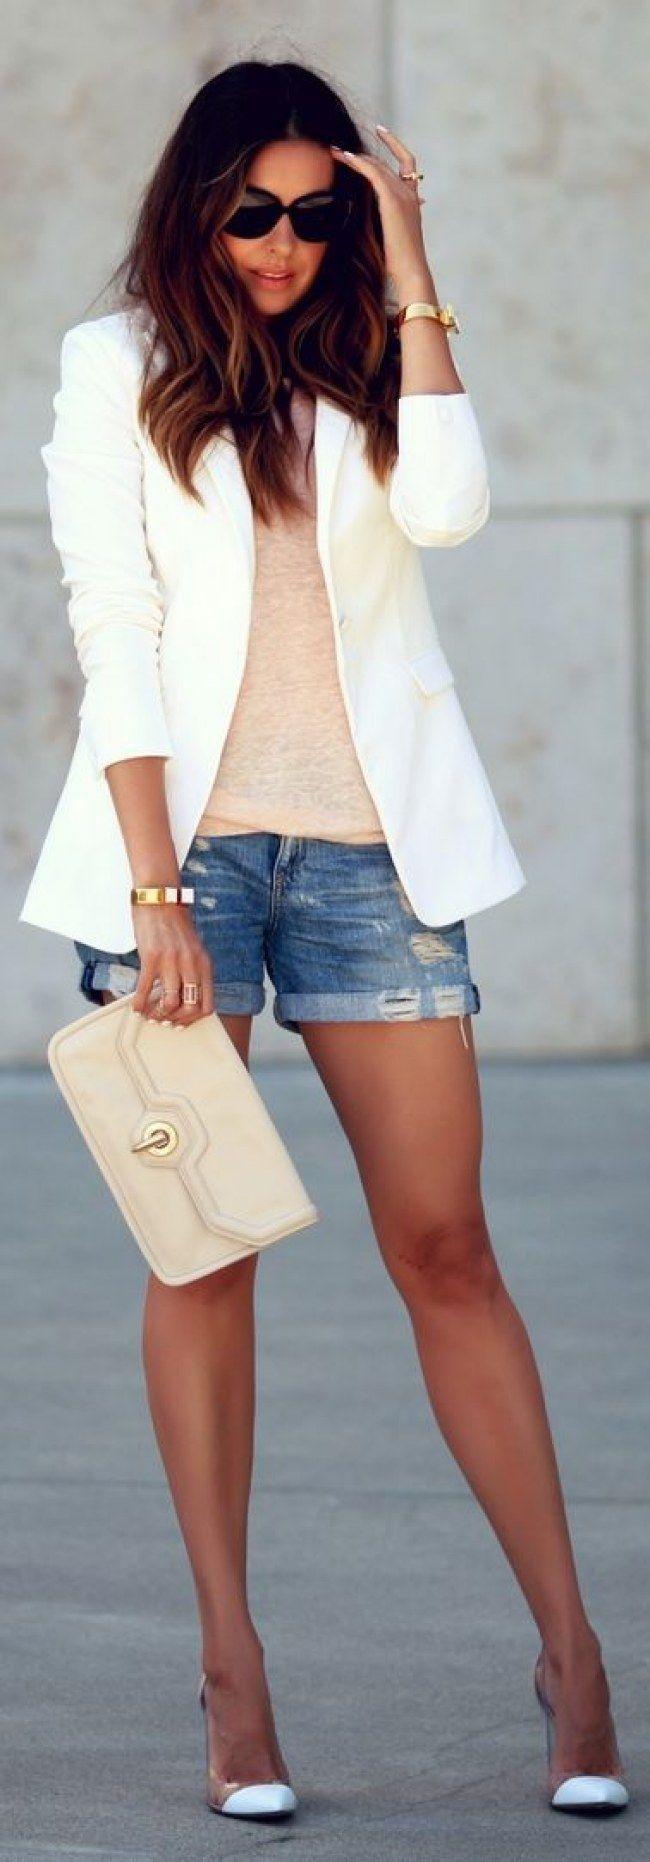 Combina giacche: consigli di stile per l'autunno e quale giacca adatta a quale figura! – Tutto pin